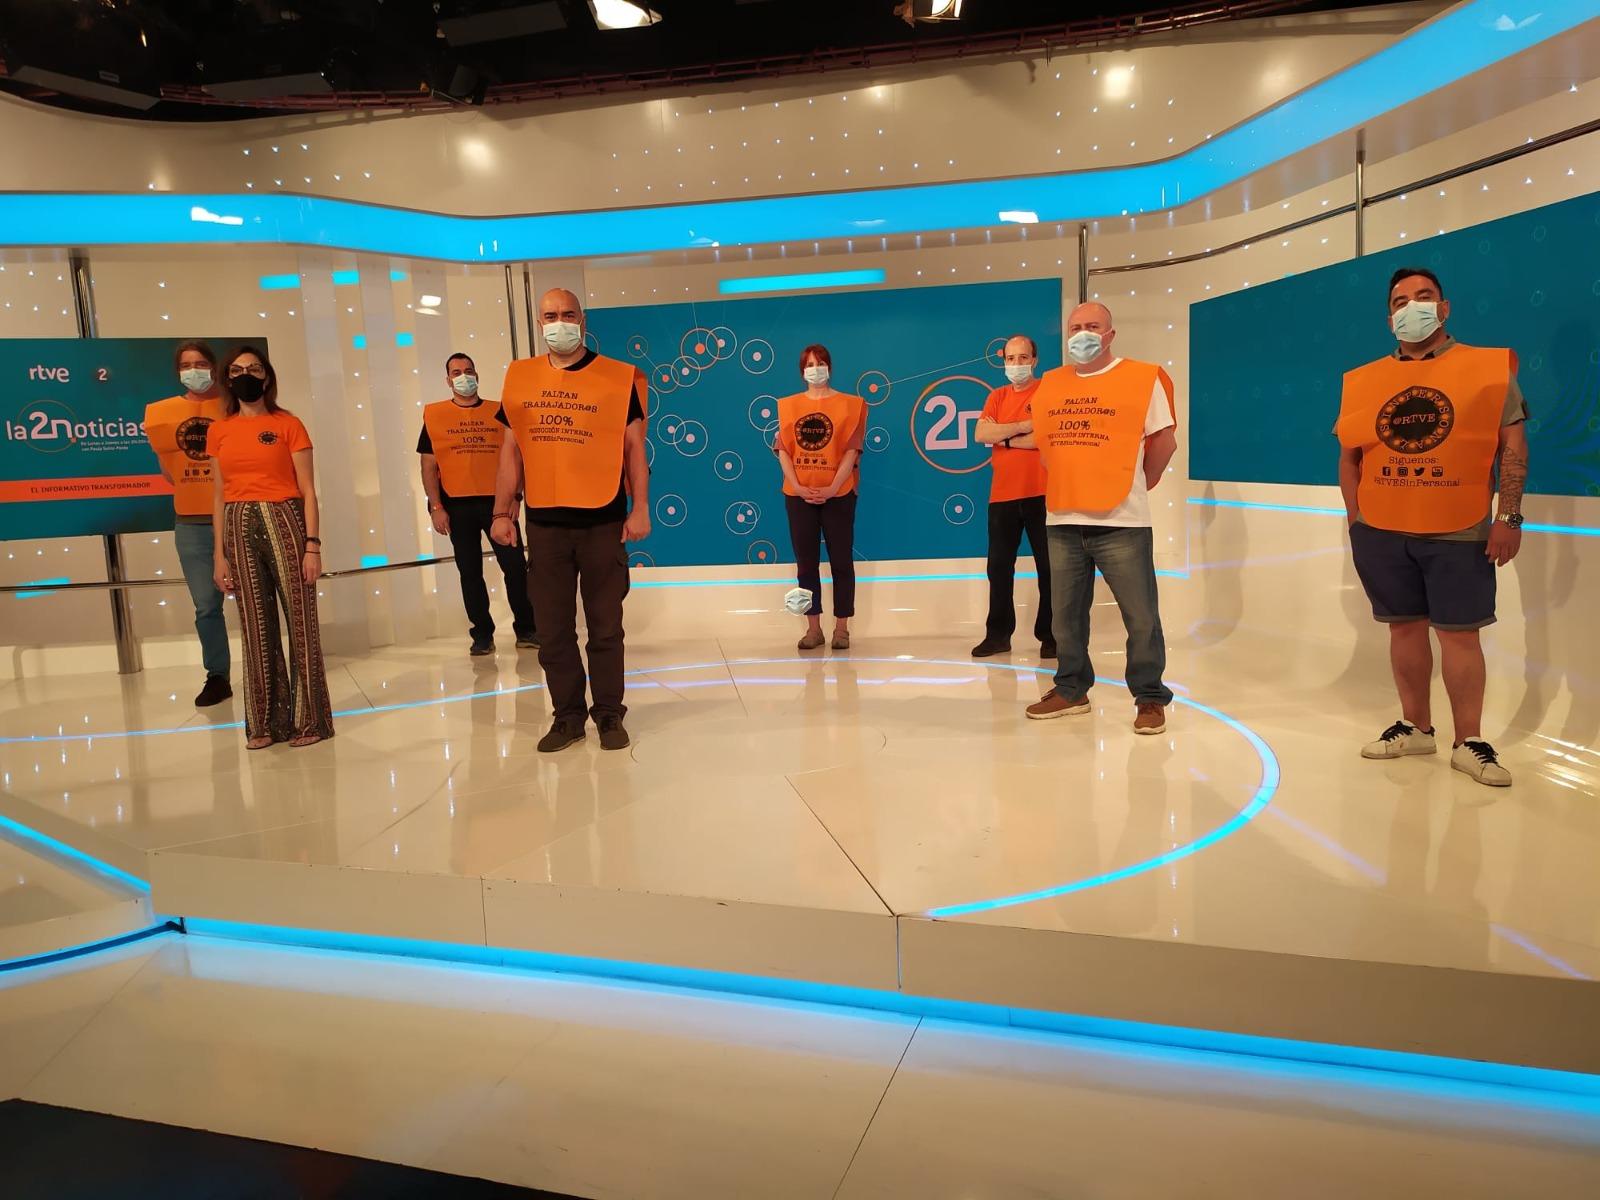 Se suspende el telediario de La 2 Noticias